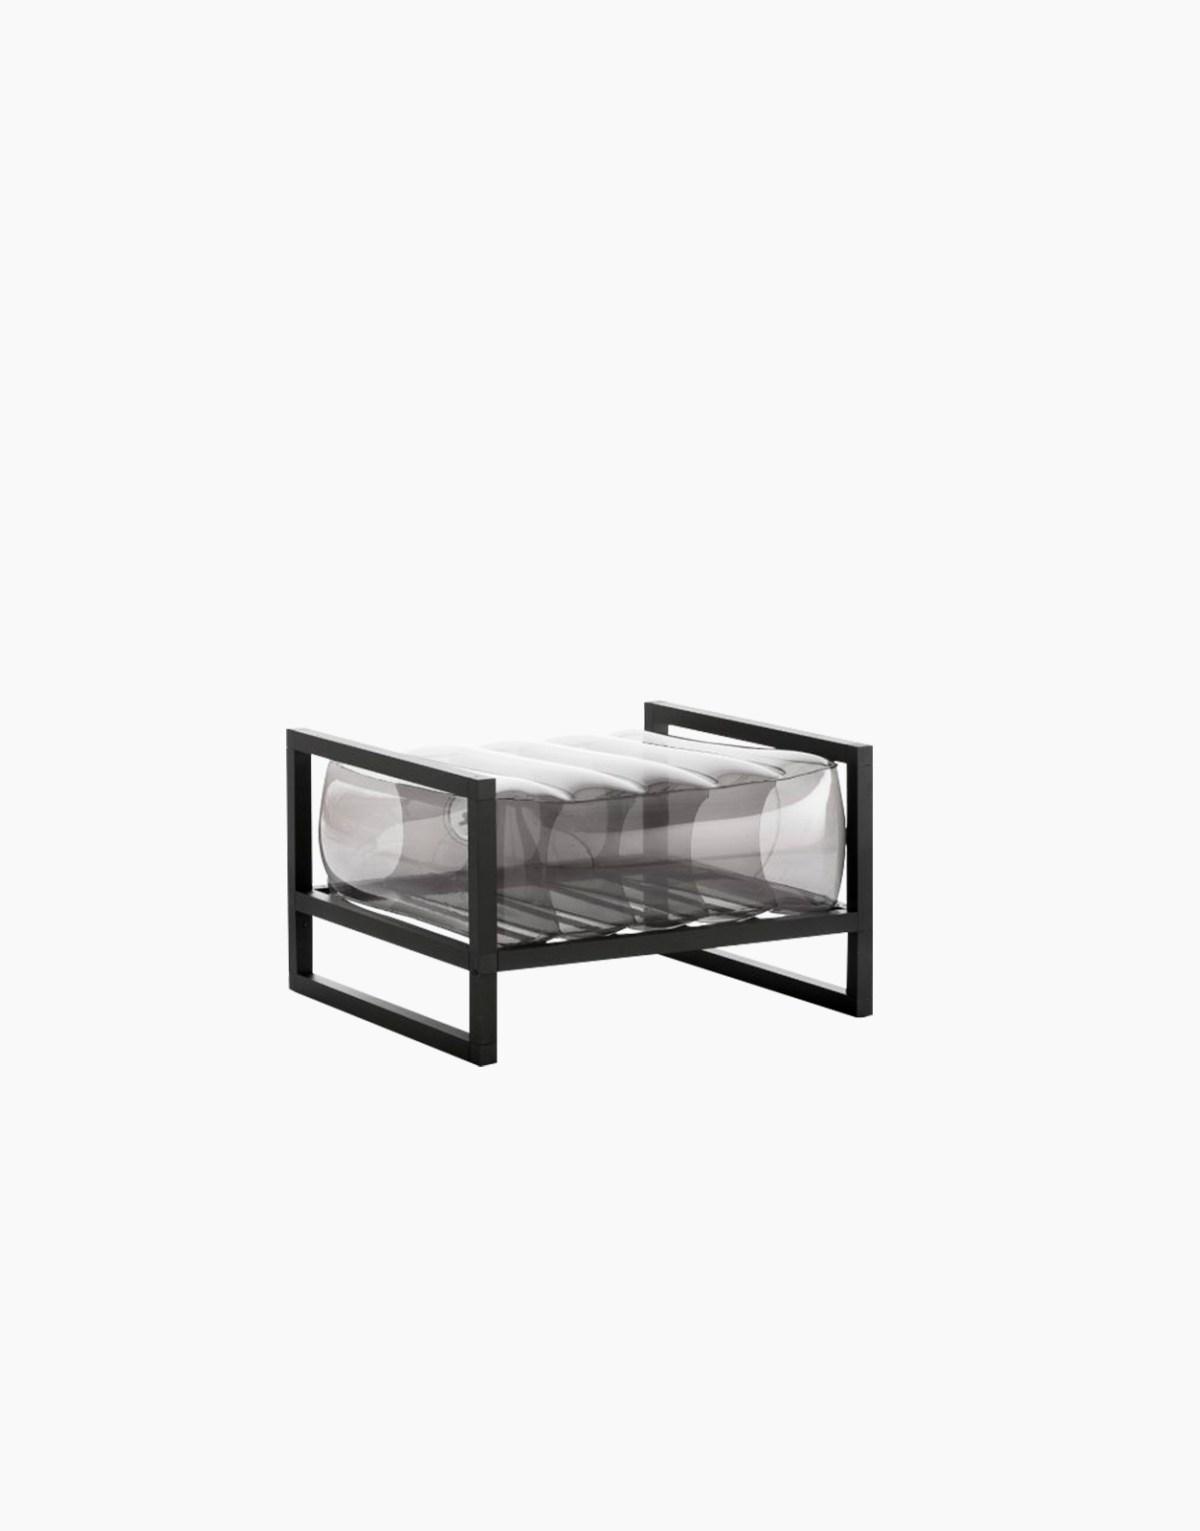 Revendeur de Mojow solution design fr mobilier assises fauteuil Yoko noir cristal